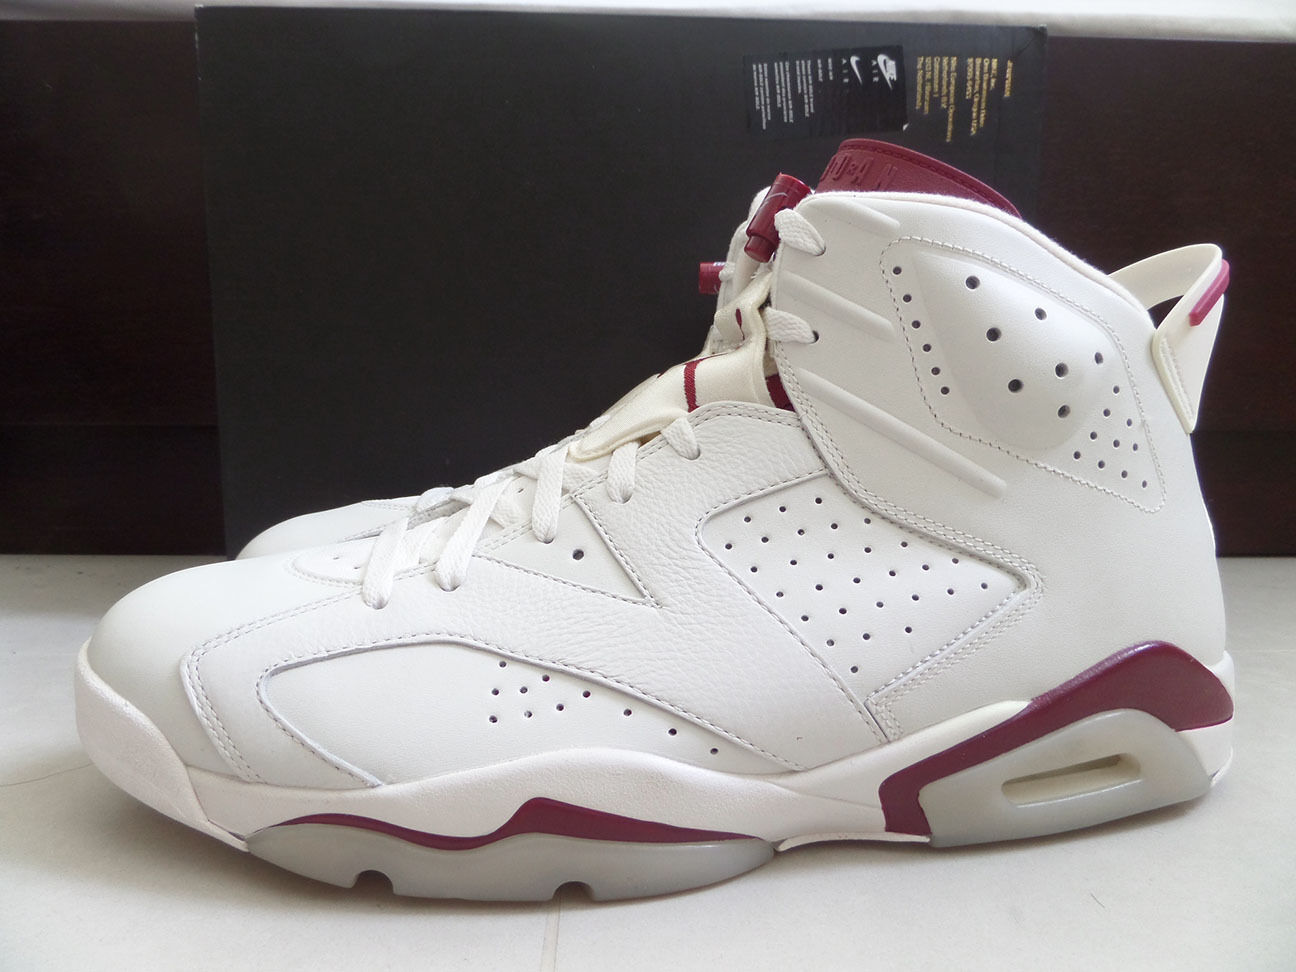 100% Auth Nike Men's Air Jordan 6 VI Retro Maroon sz 12 [384664-116] B-Grade